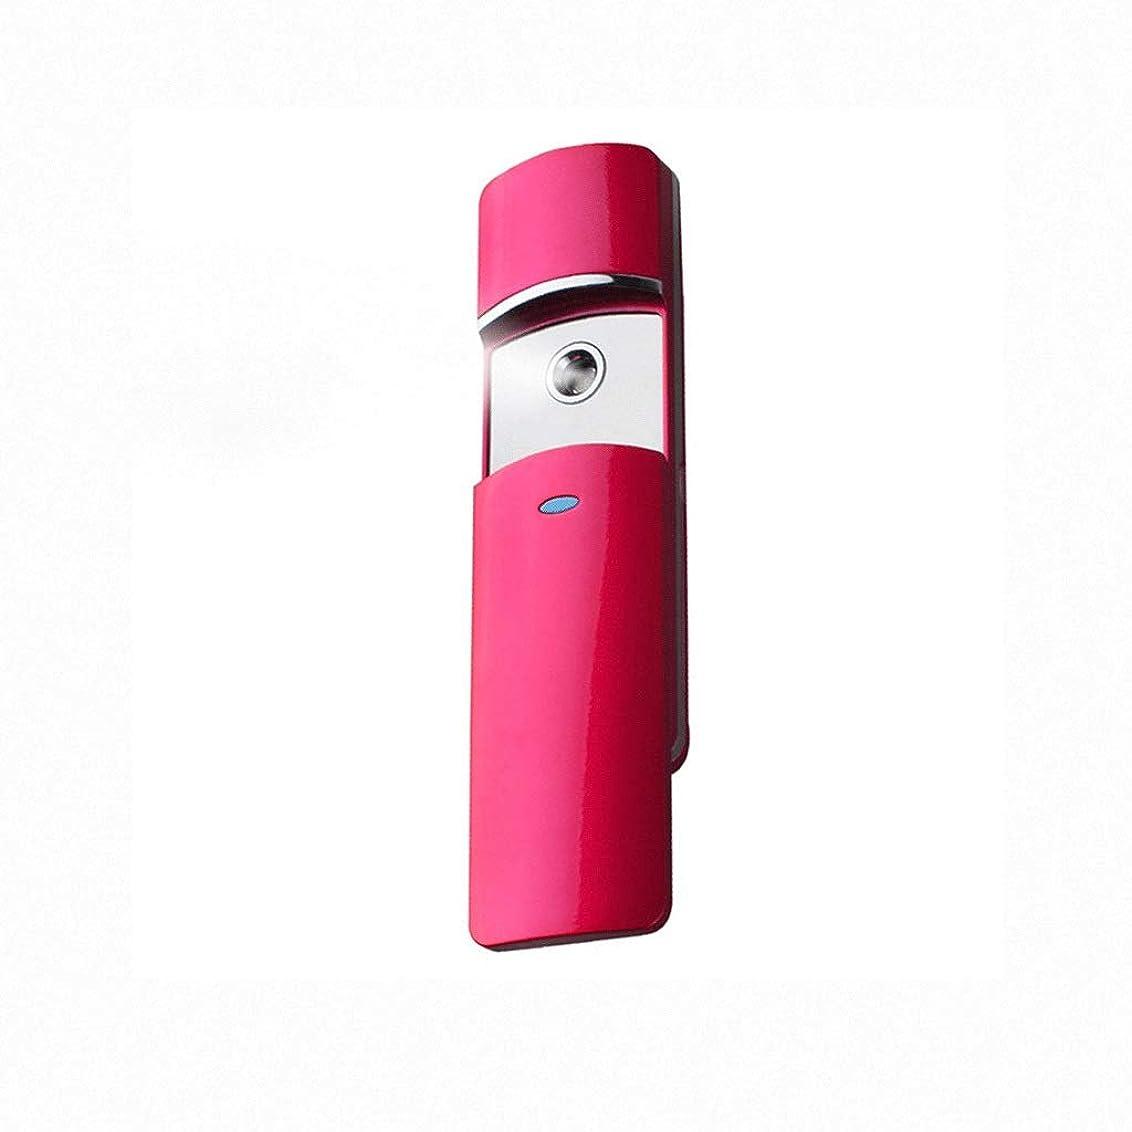 ブレイズ地上の居眠りする噴霧器usb充電式ポータブルフェイシャルスプレー用スキンケアメイクアップまつげエクステンションポータブル抗アレルギースチーマー充電器